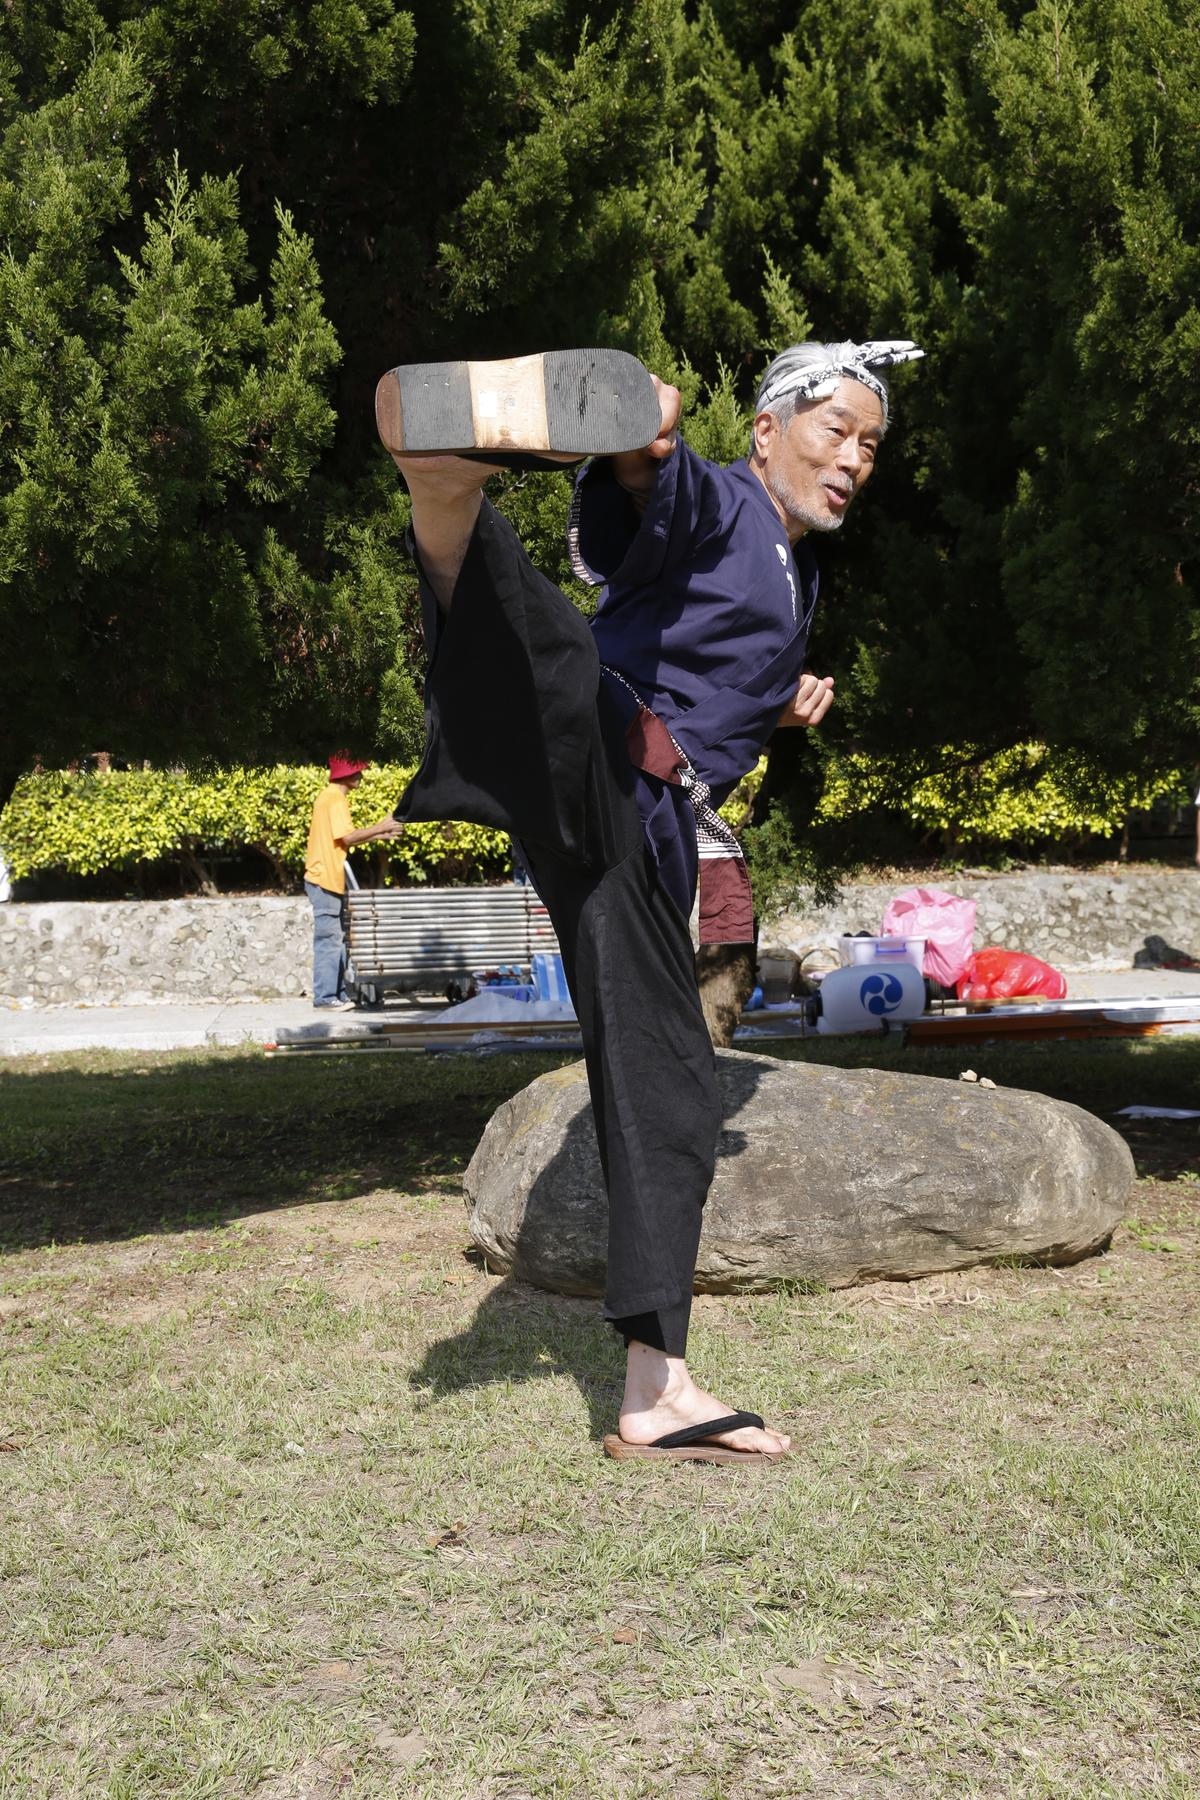 早期港片常見到的日本功夫明星倉田保昭在淡出港片大銀幕多年後復出,港片迷看到他勢必有驚喜。